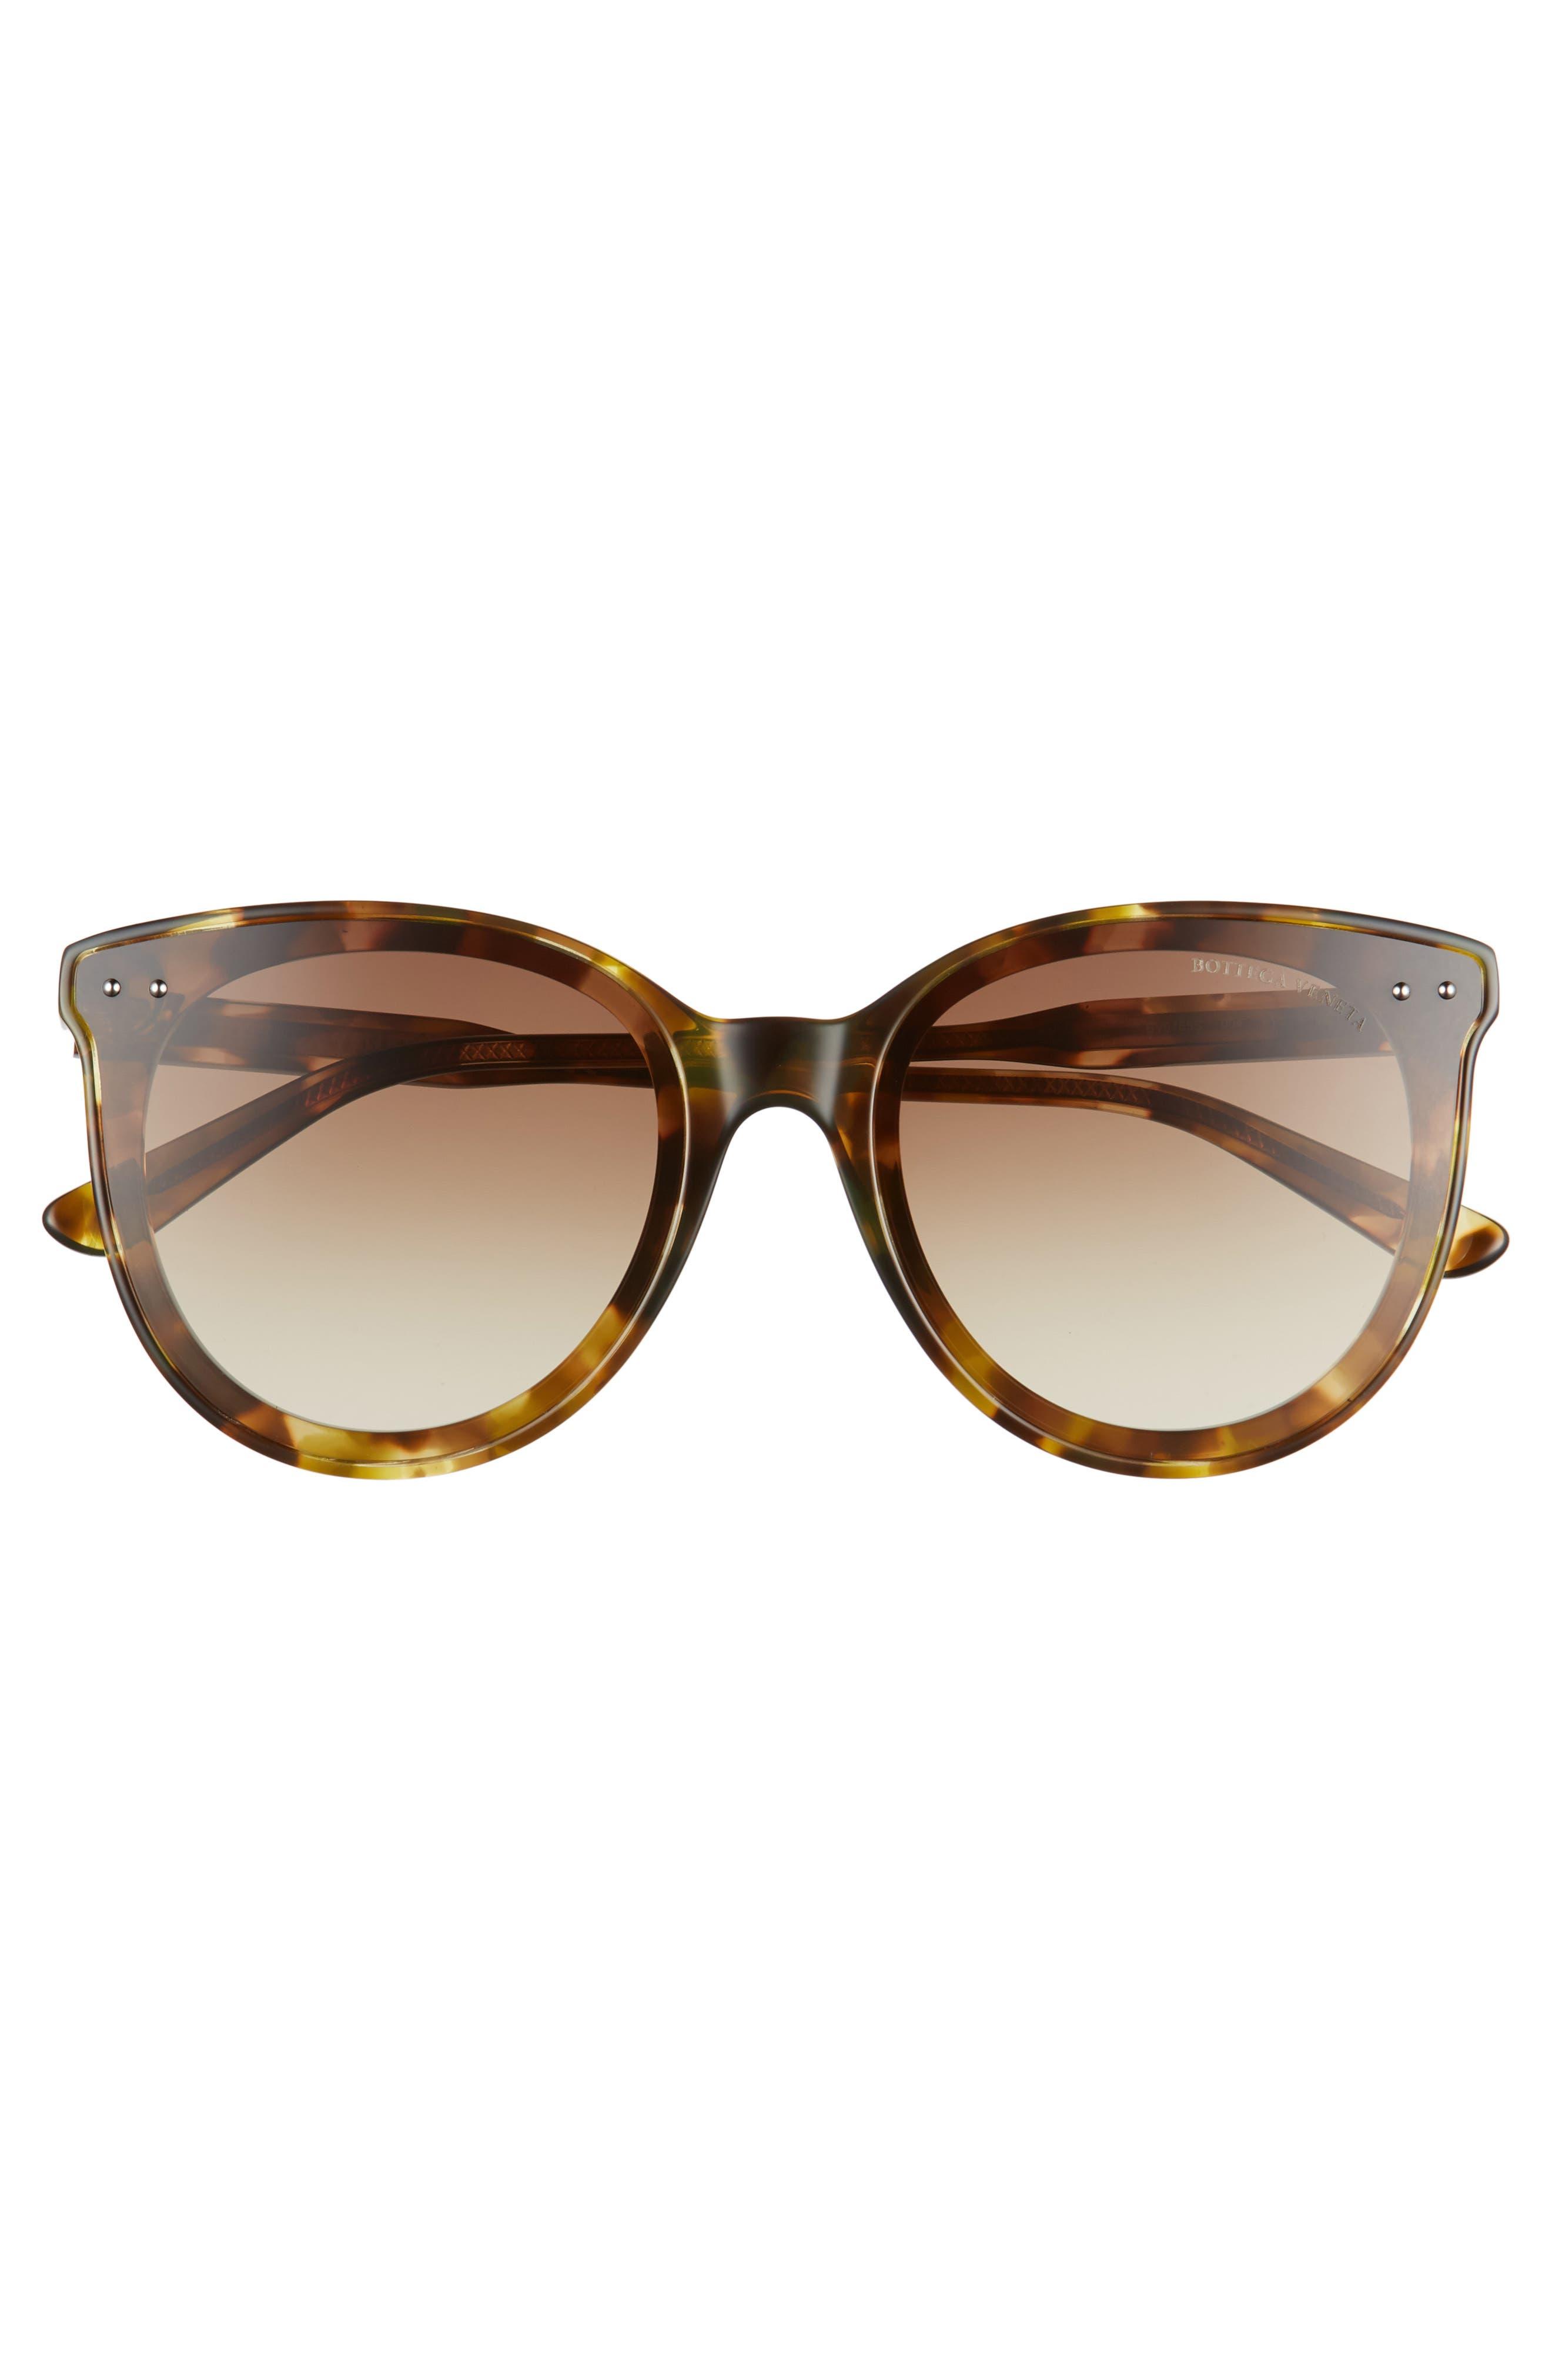 61mm Cat Eye Sunglasses,                             Alternate thumbnail 3, color,                             Green Havana